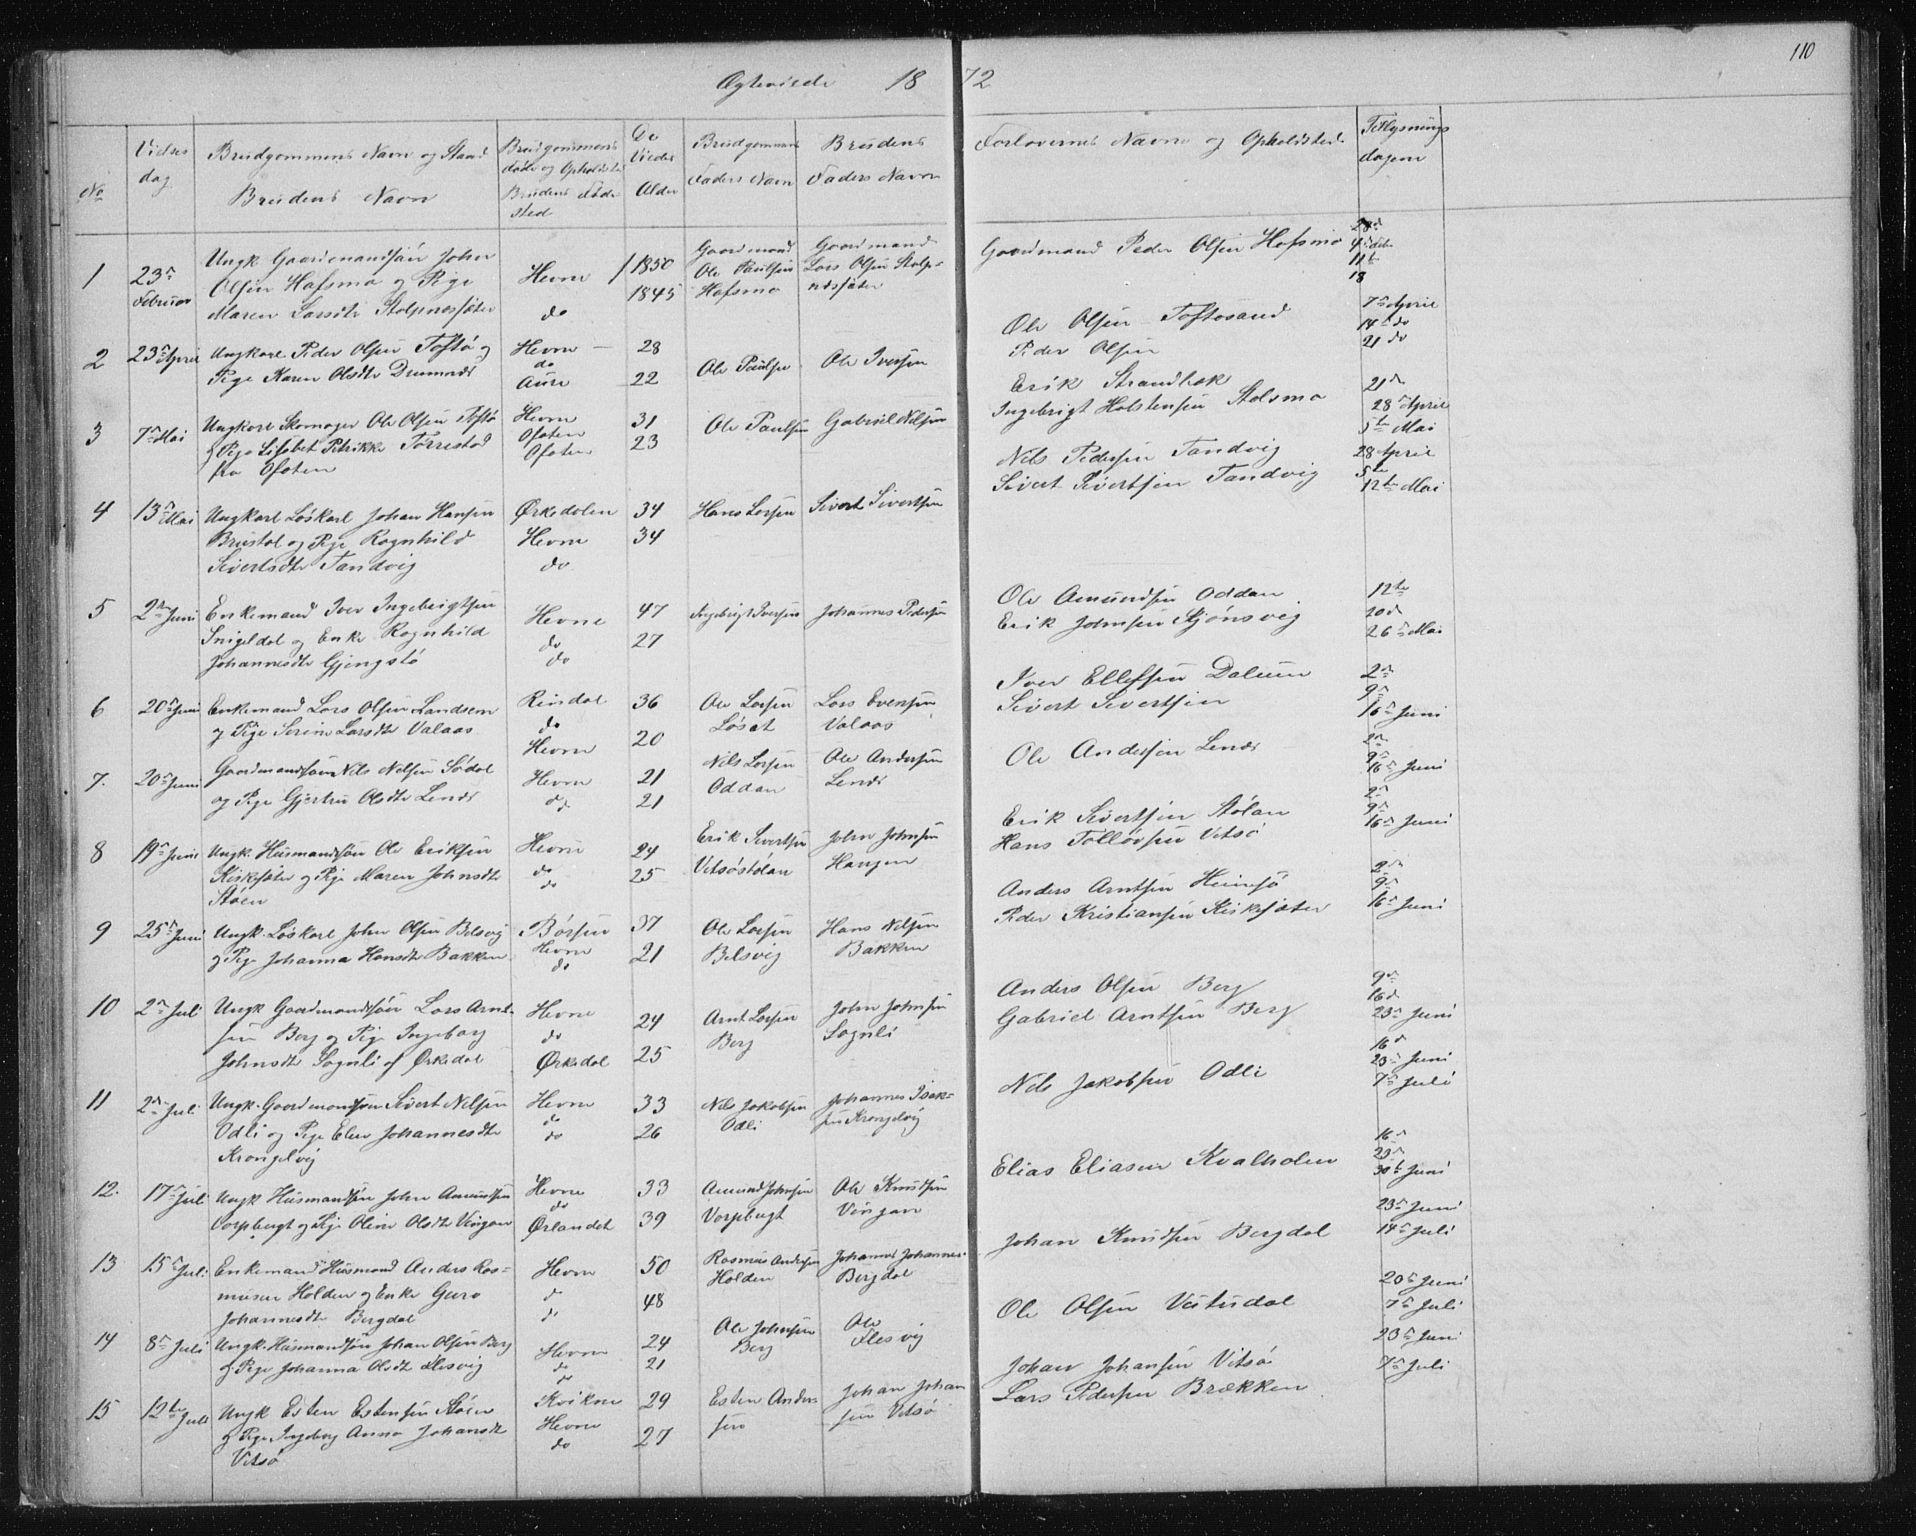 SAT, Ministerialprotokoller, klokkerbøker og fødselsregistre - Sør-Trøndelag, 630/L0503: Klokkerbok nr. 630C01, 1869-1878, s. 110